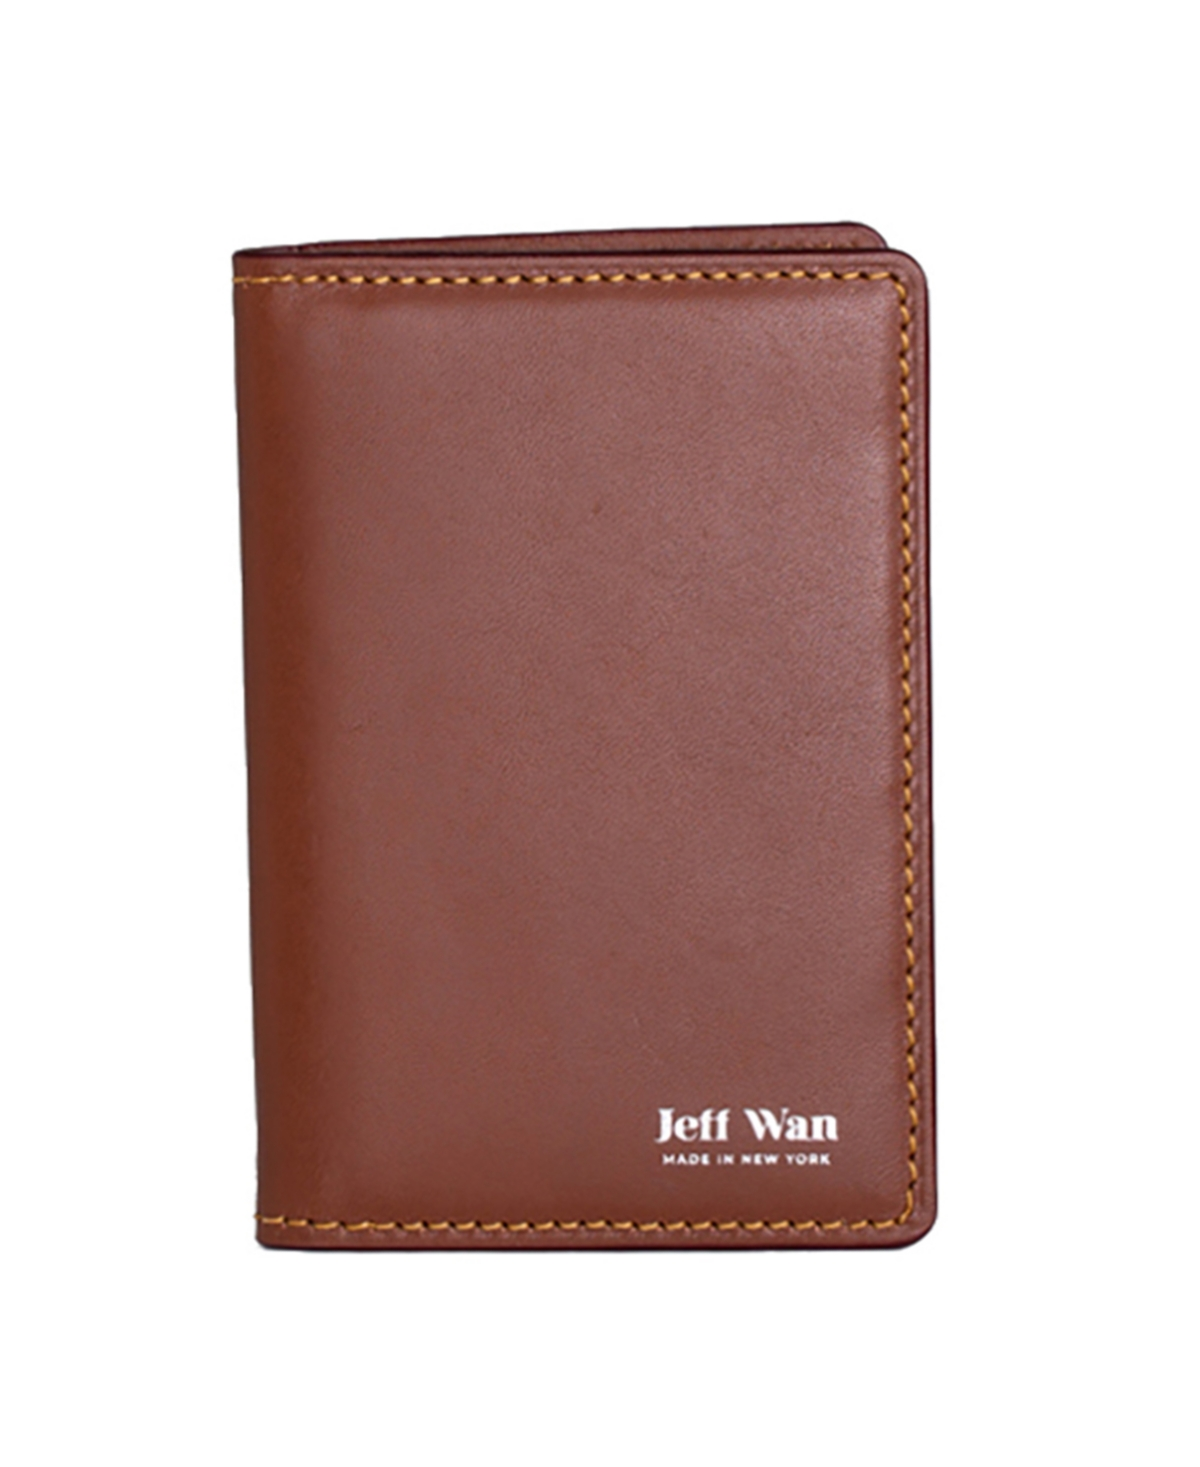 Jeff Wan Bifold Wallet